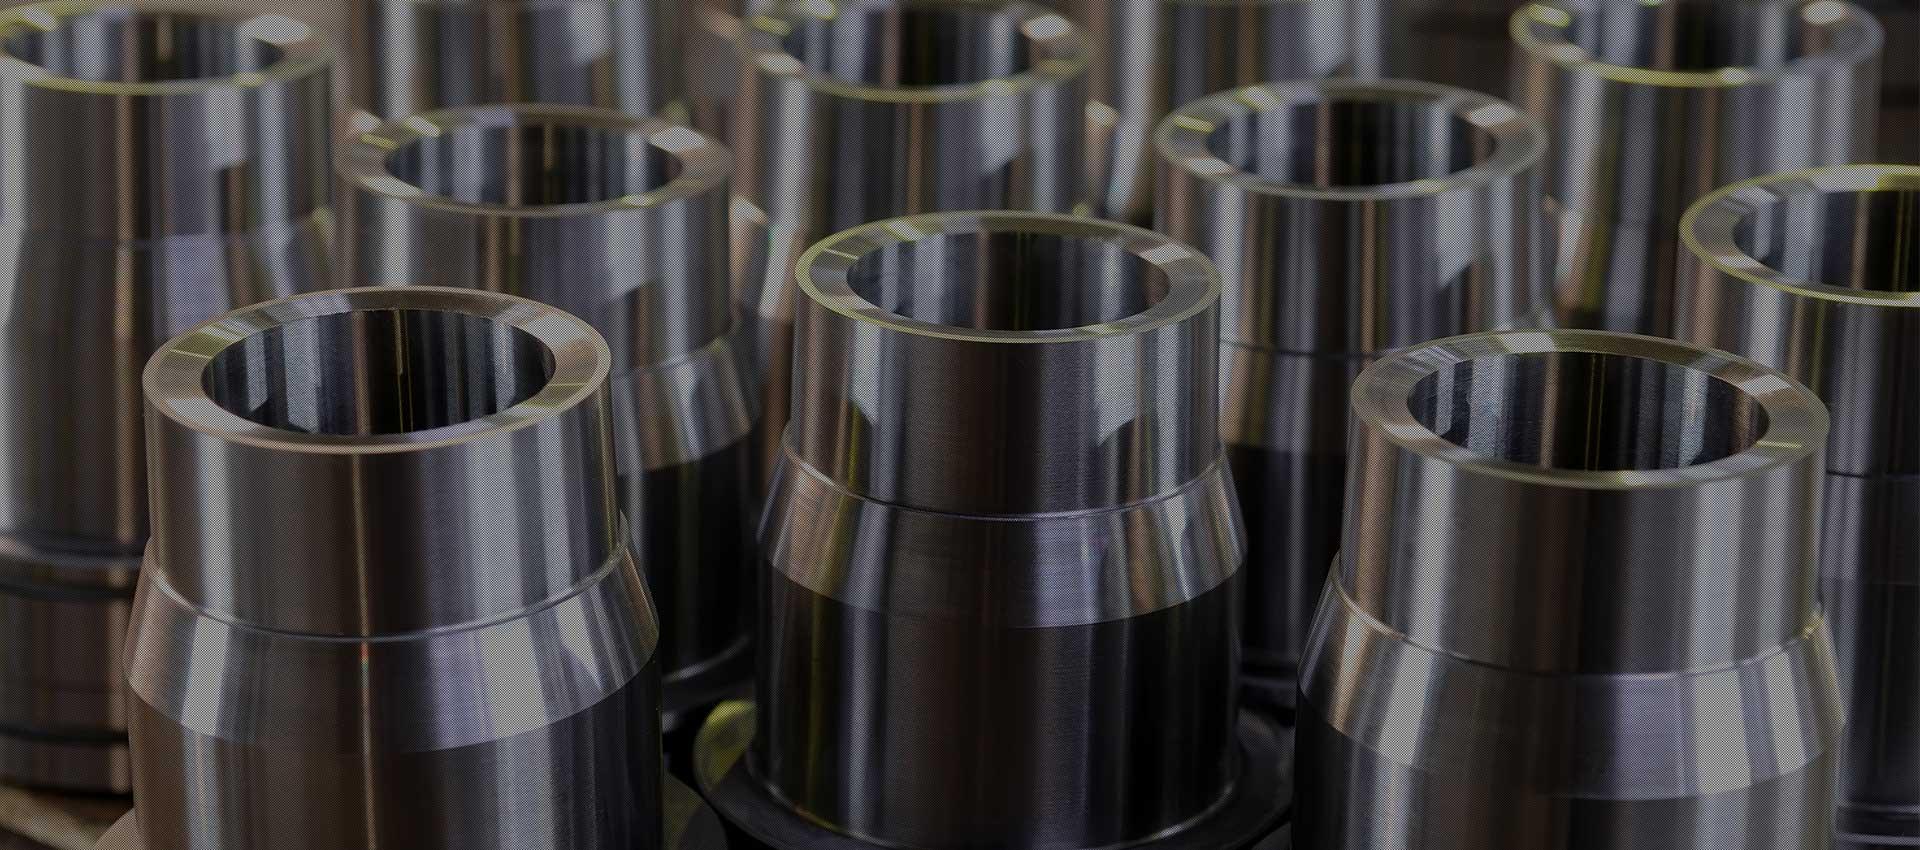 Burbank Steel Treating Inc: Steel Treating and Metal Heat Treating in Burbank